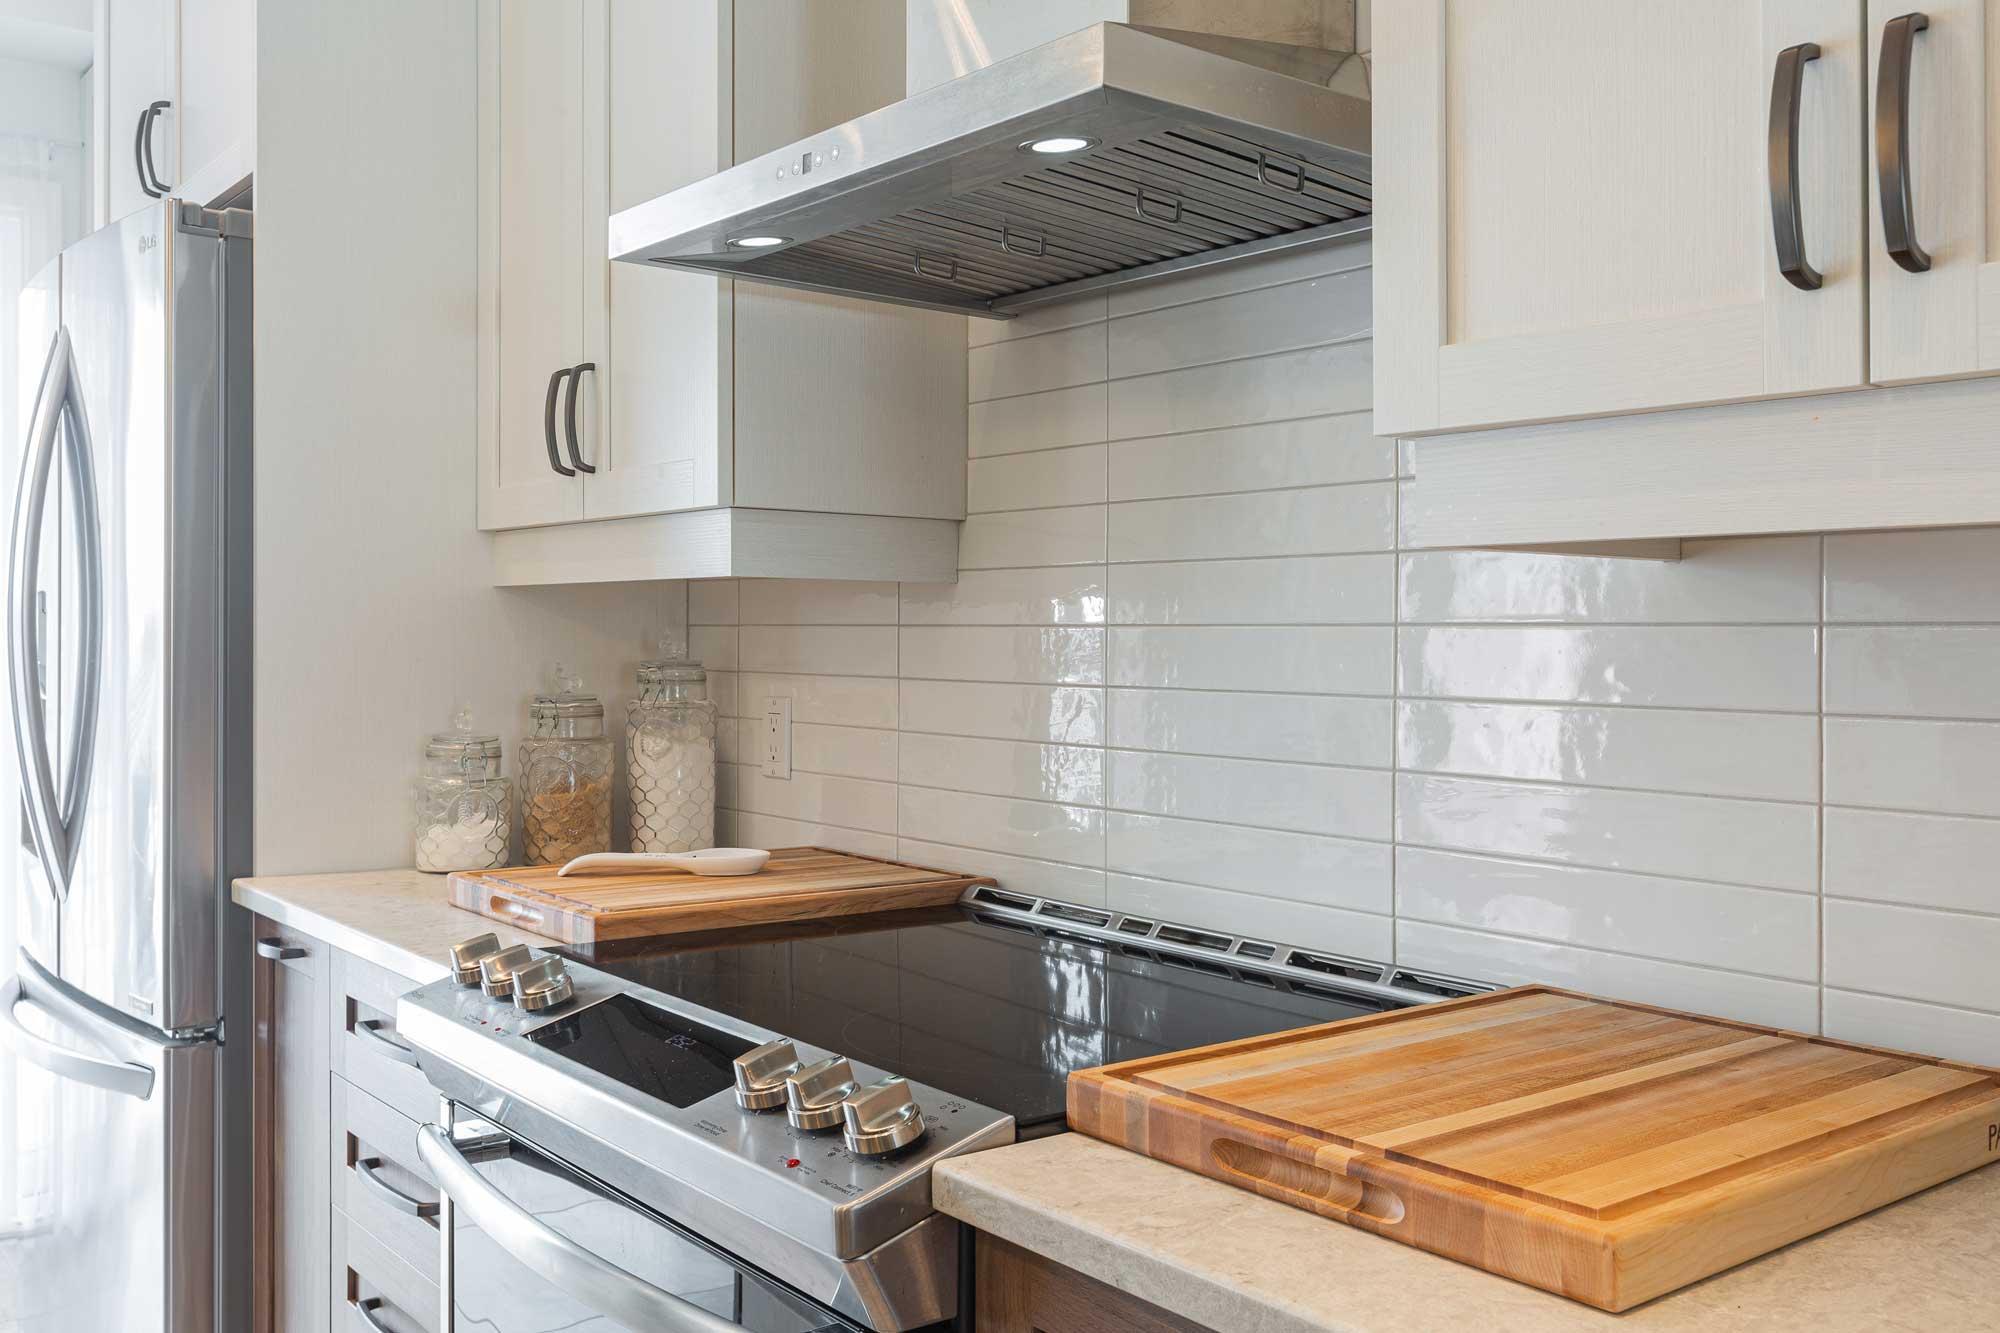 dosseret de cuisine avec tuiles métro blanche